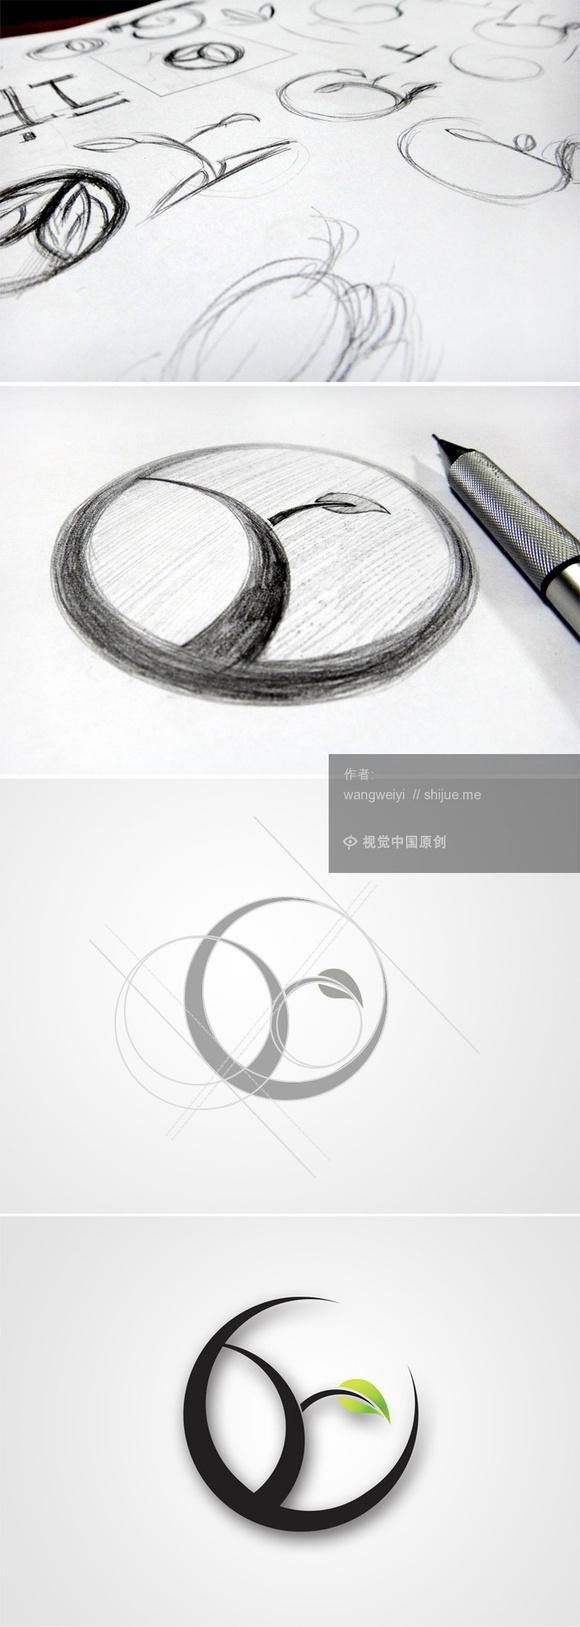 La maison du thé LOGO | Vision Chine